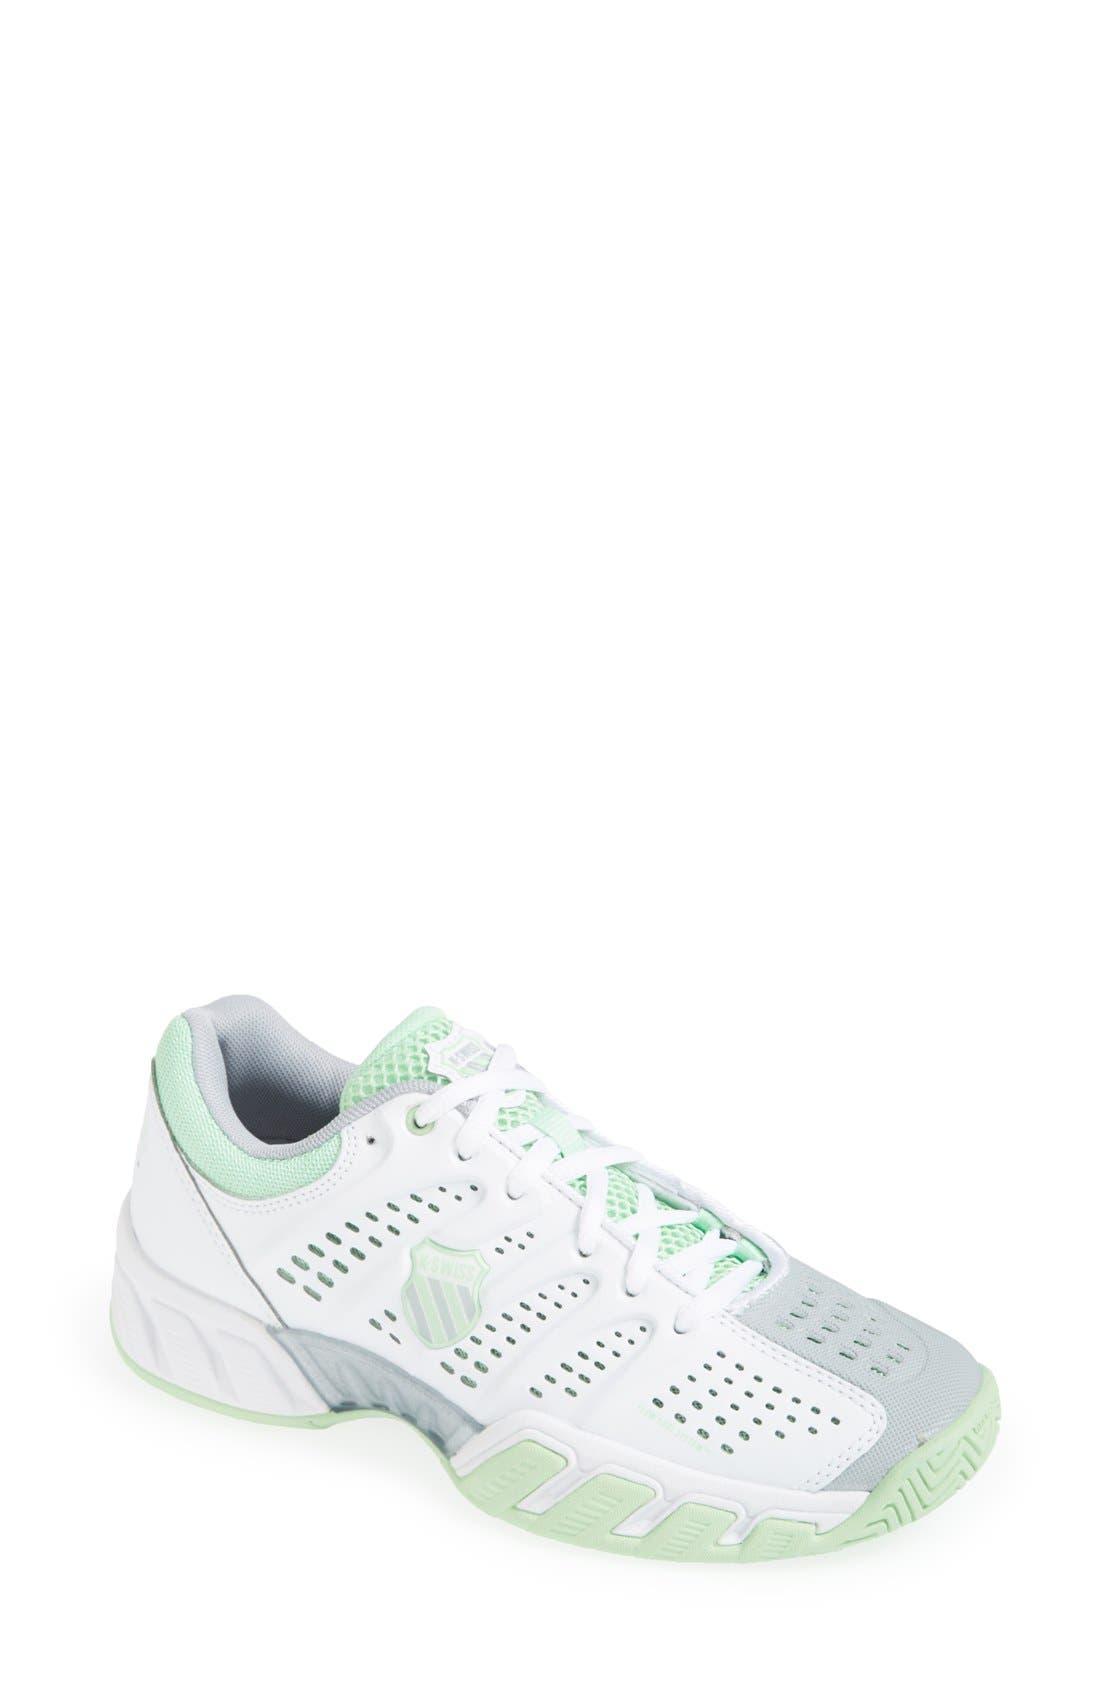 Main Image - K-Swiss 'Big Shot Light' Tennis Shoe (Women)